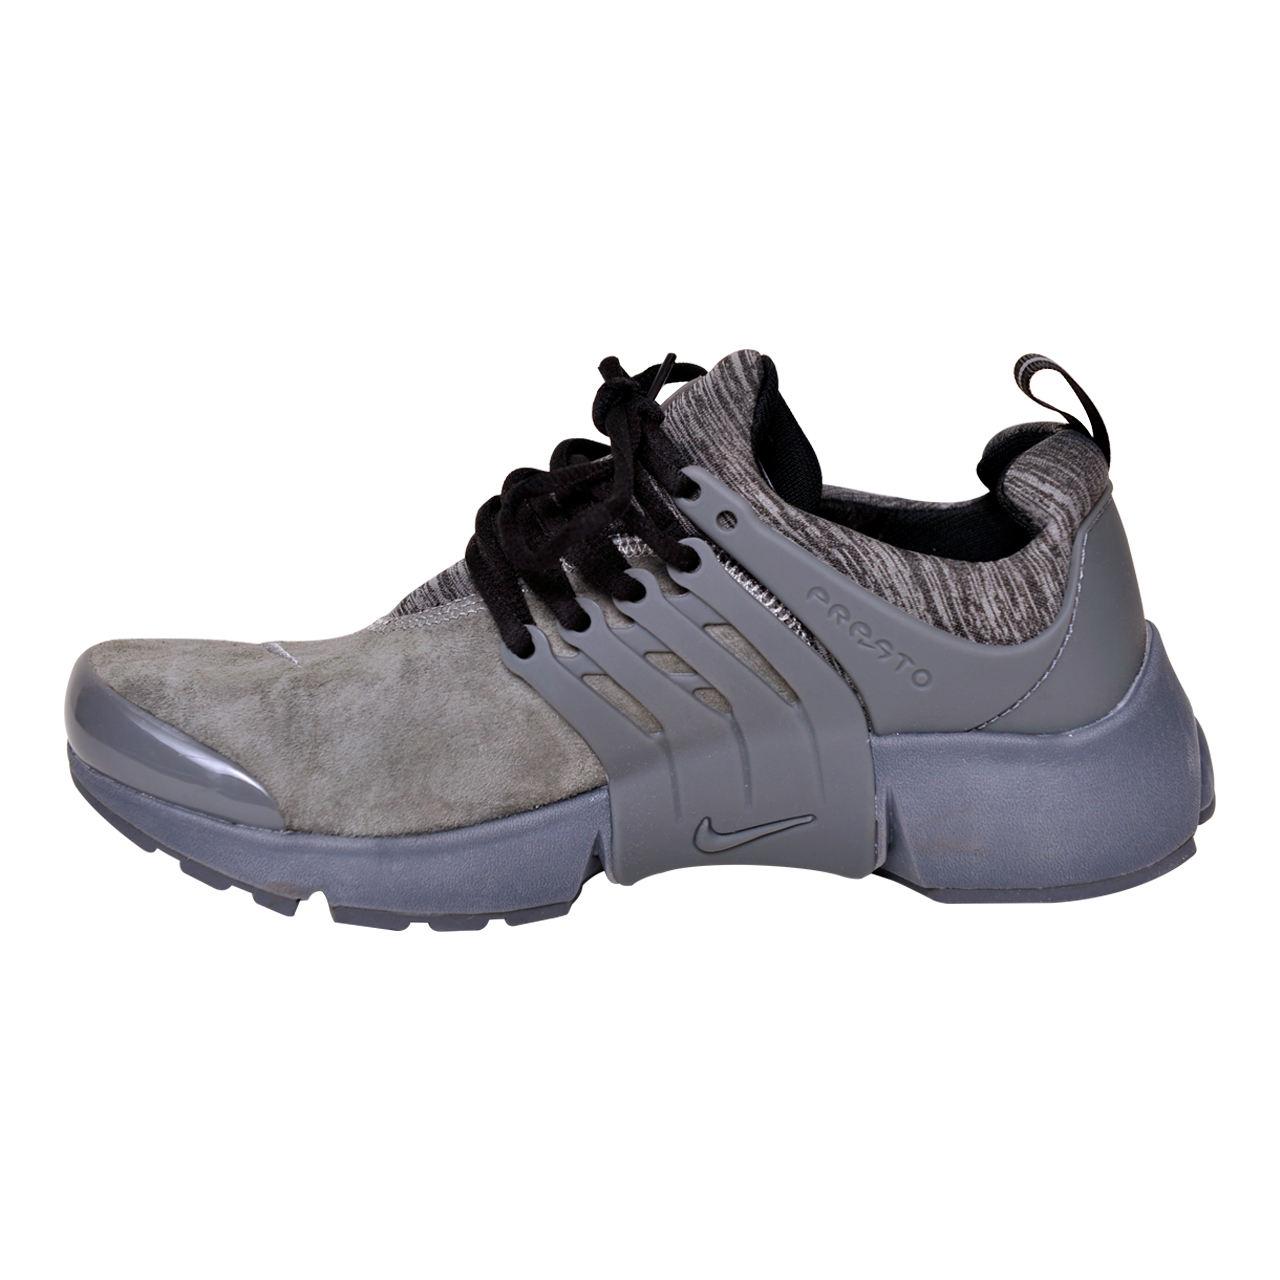 کفش مخصوص پیاده روی مردانه نایکی مدل AIR PRESTO BR GRAY